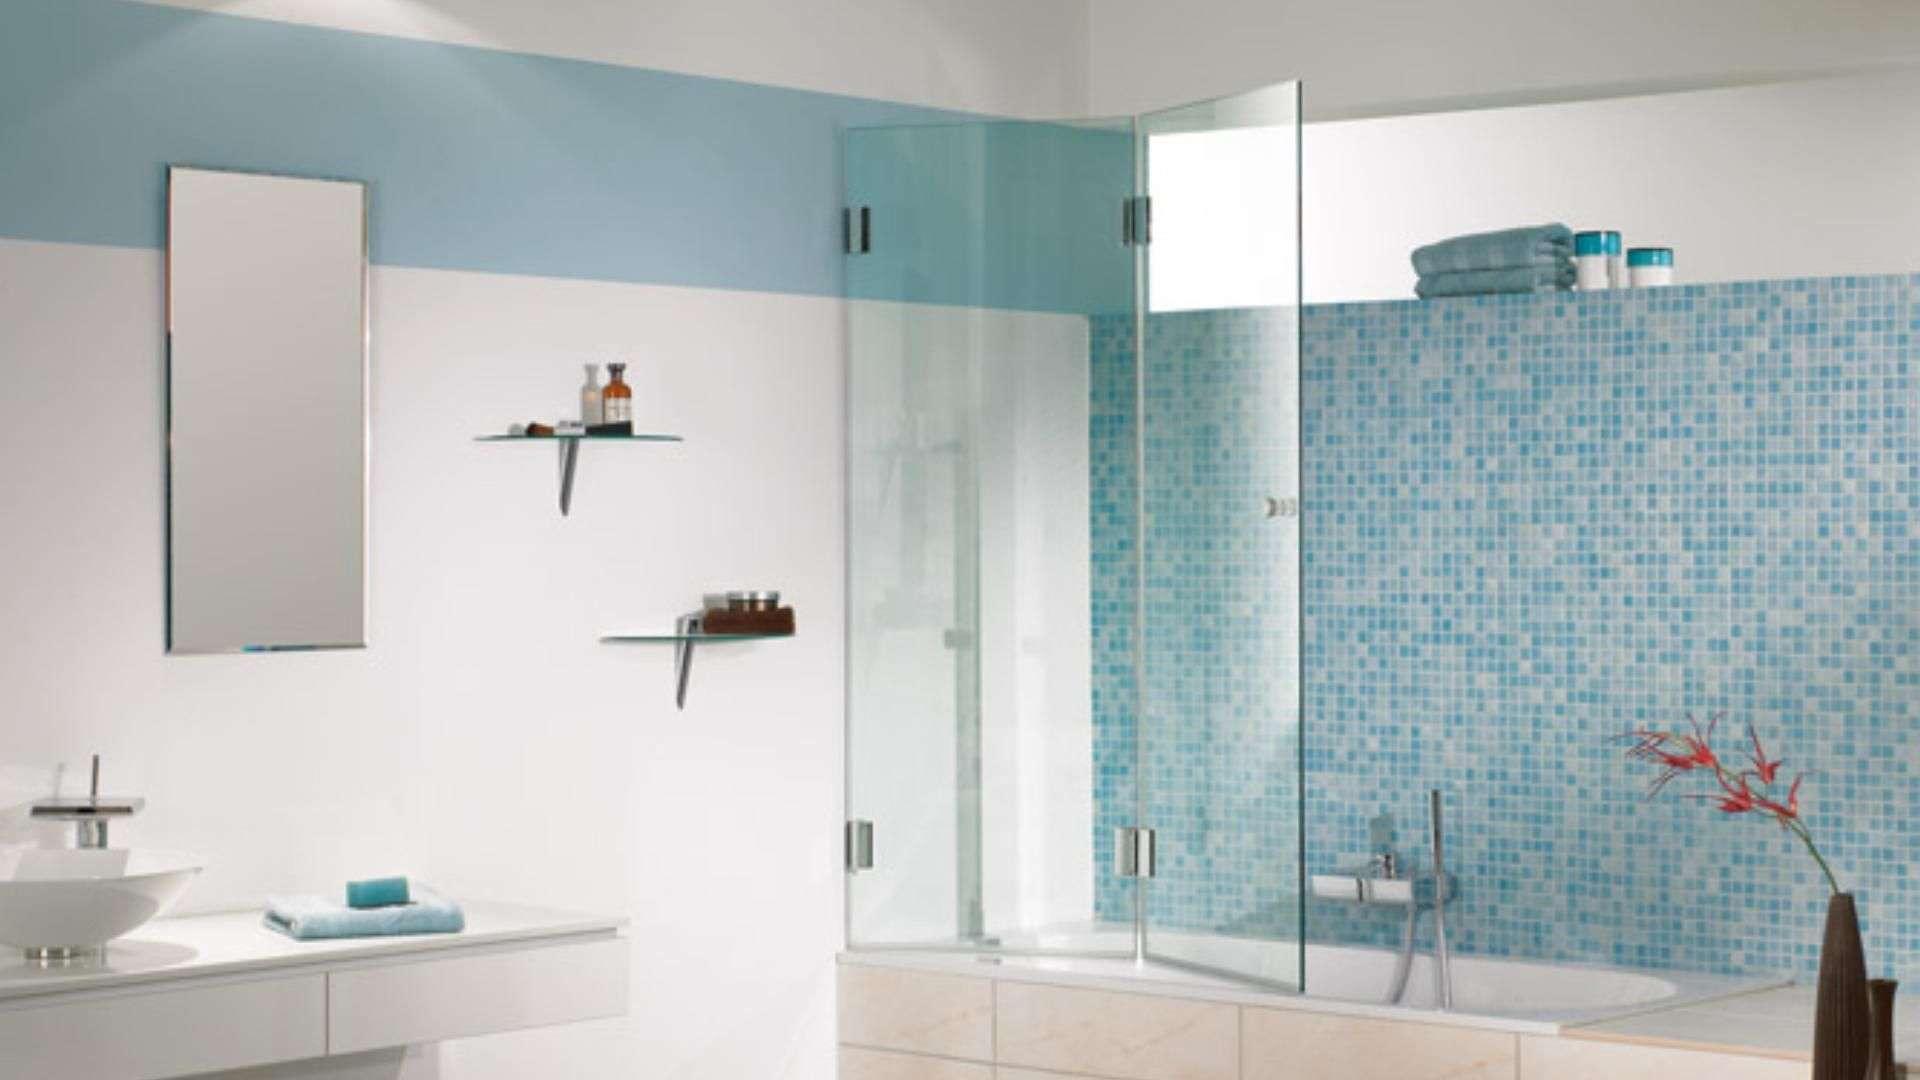 Duschwanne mit kurzer Glastrennwand in einem hellblauen Badezimmer